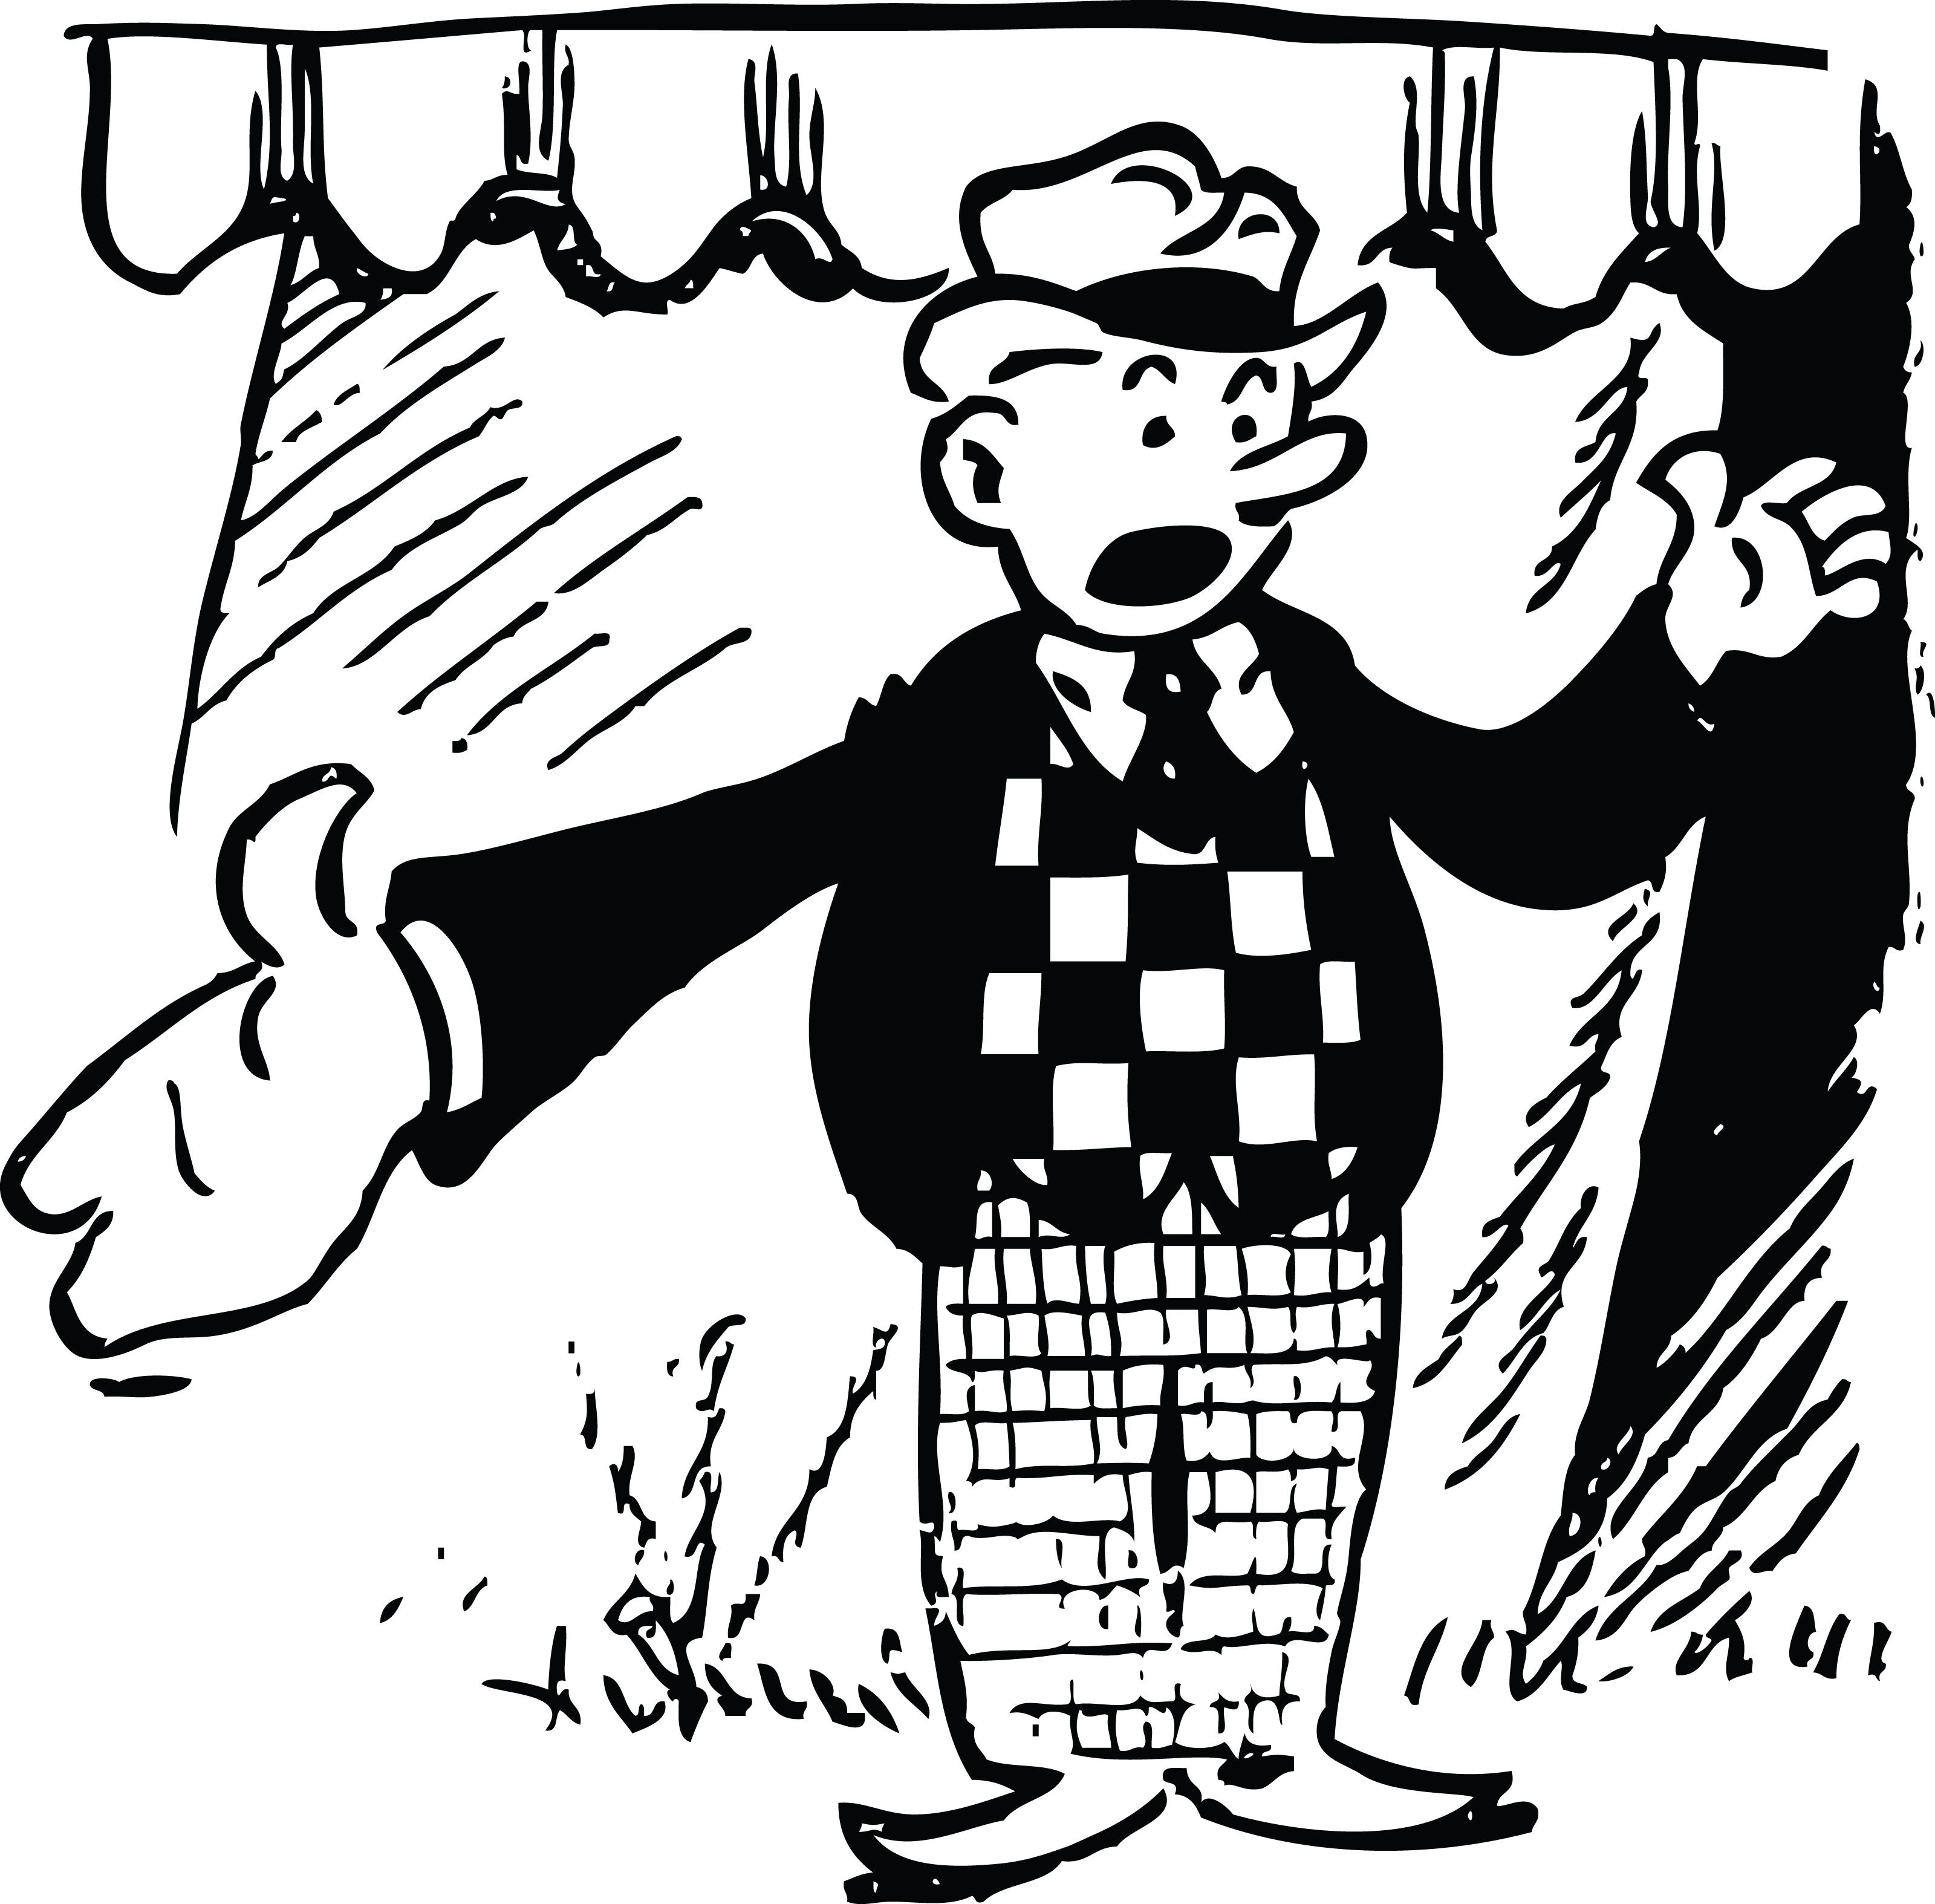 Cartoon Circus Barker.